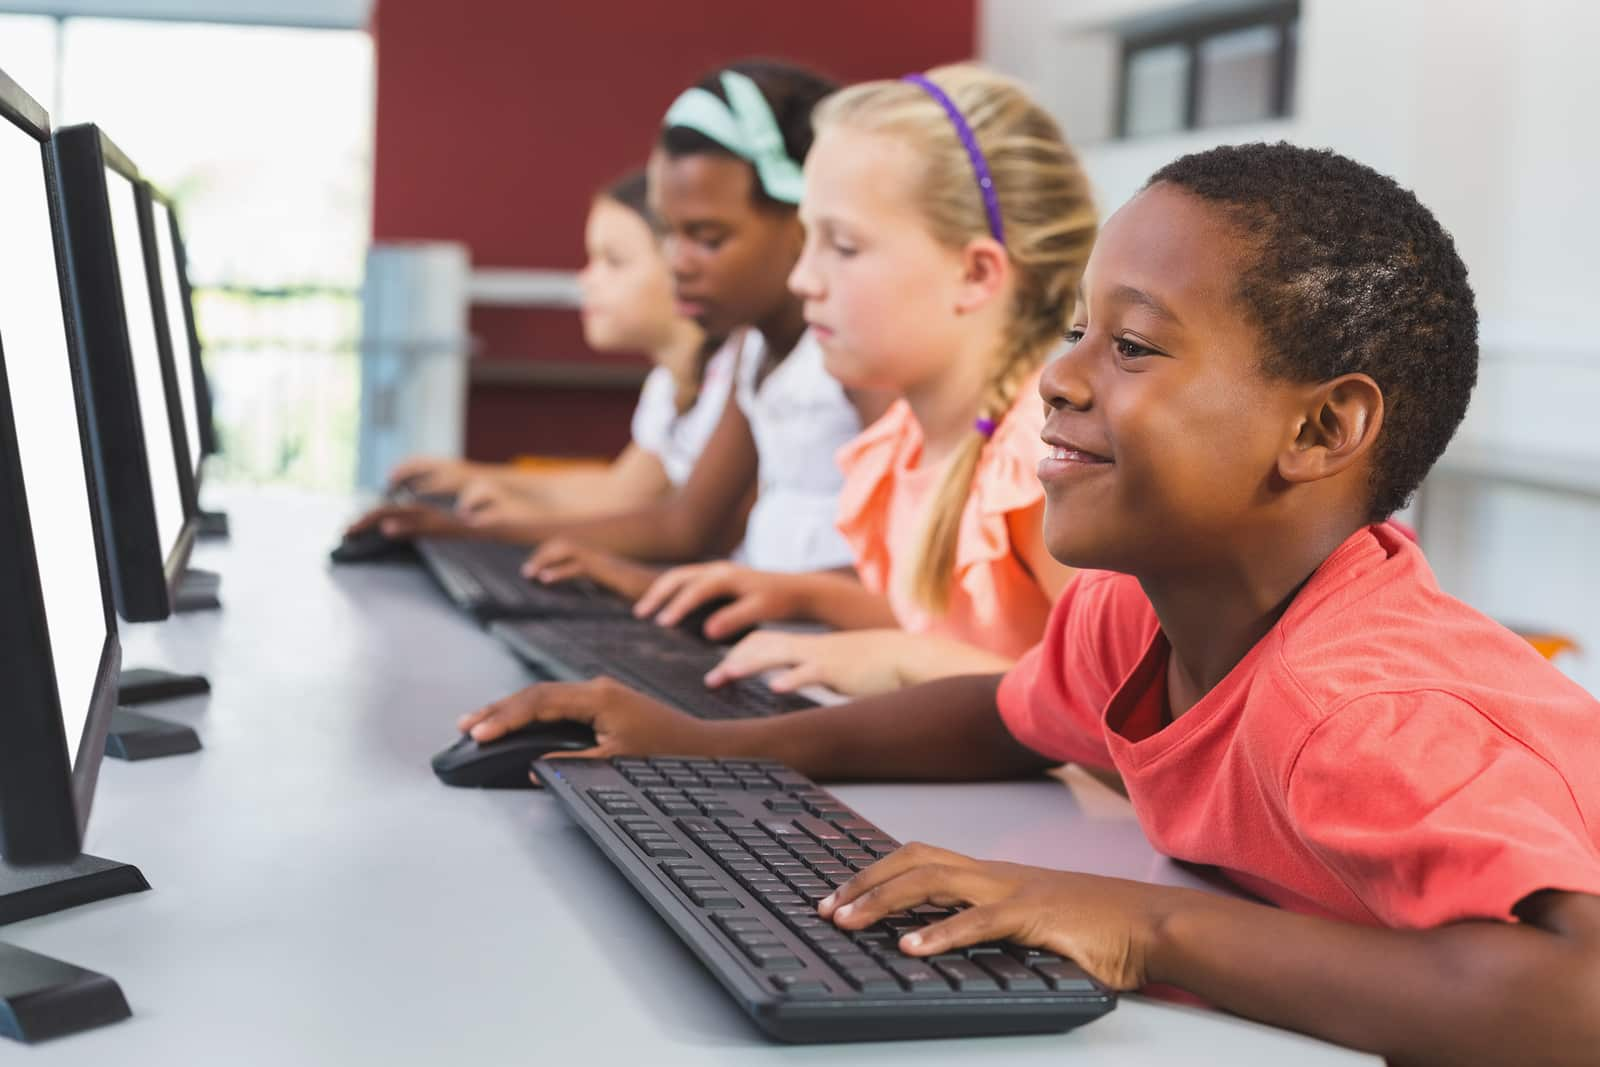 School kids using computer in classroom at school